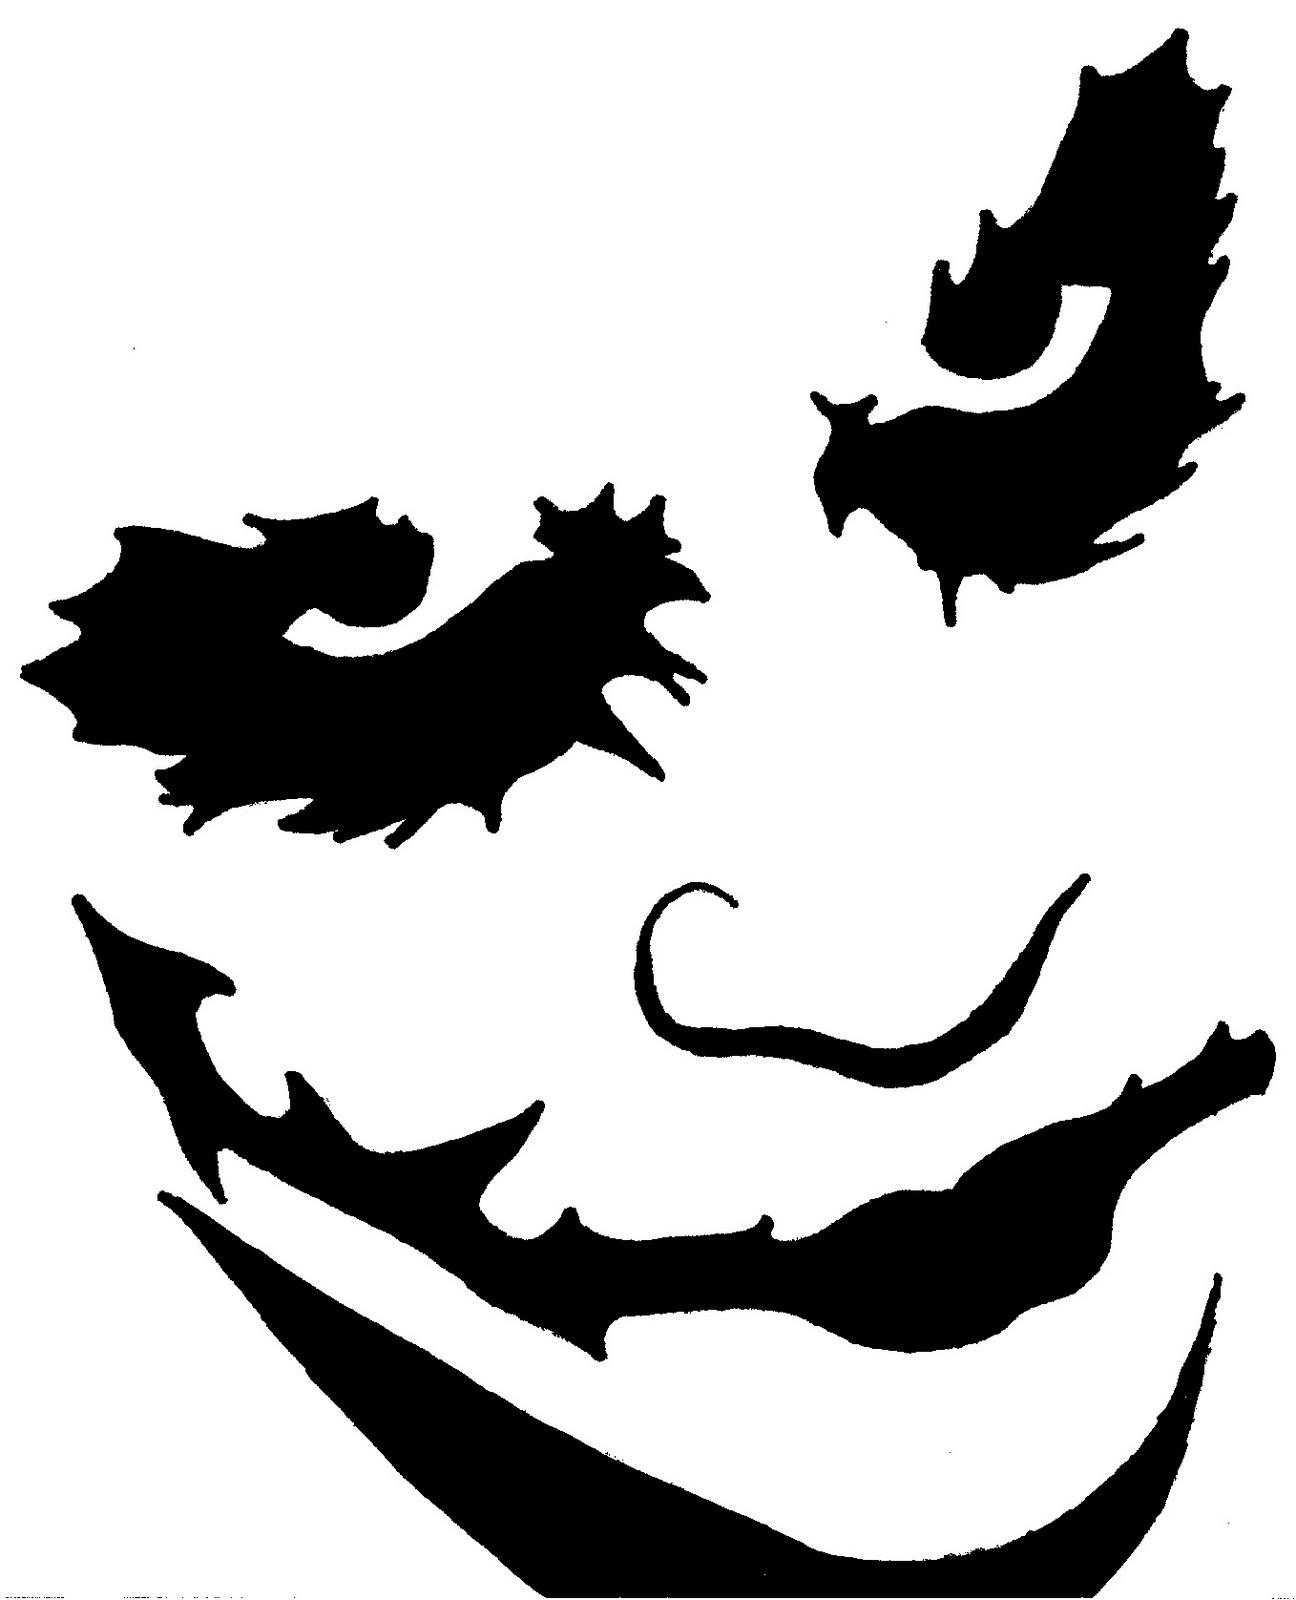 Free Free Batman Pumpkin Stencil, Download Free Clip Art, Free Clip - Free Pumpkin Carving Templates Printable